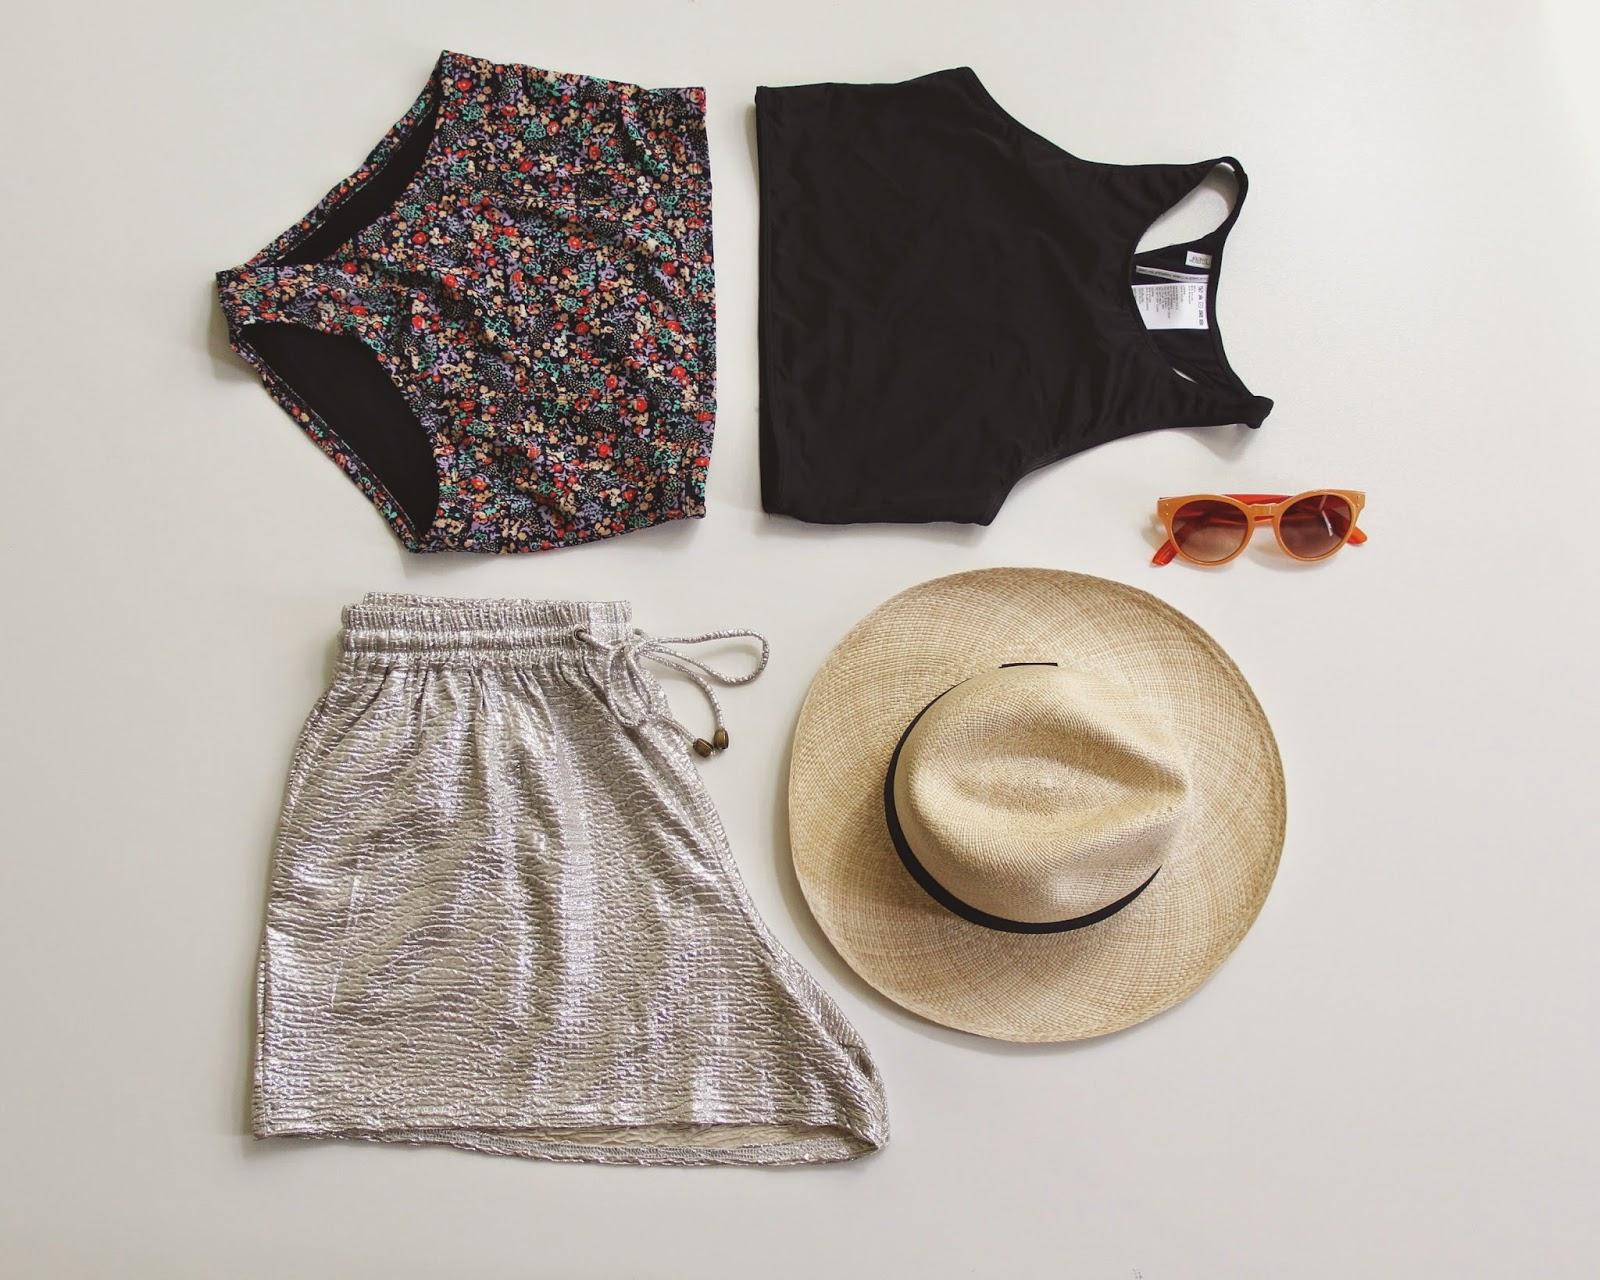 High waisted swimwear, shorts, hat, sunnies